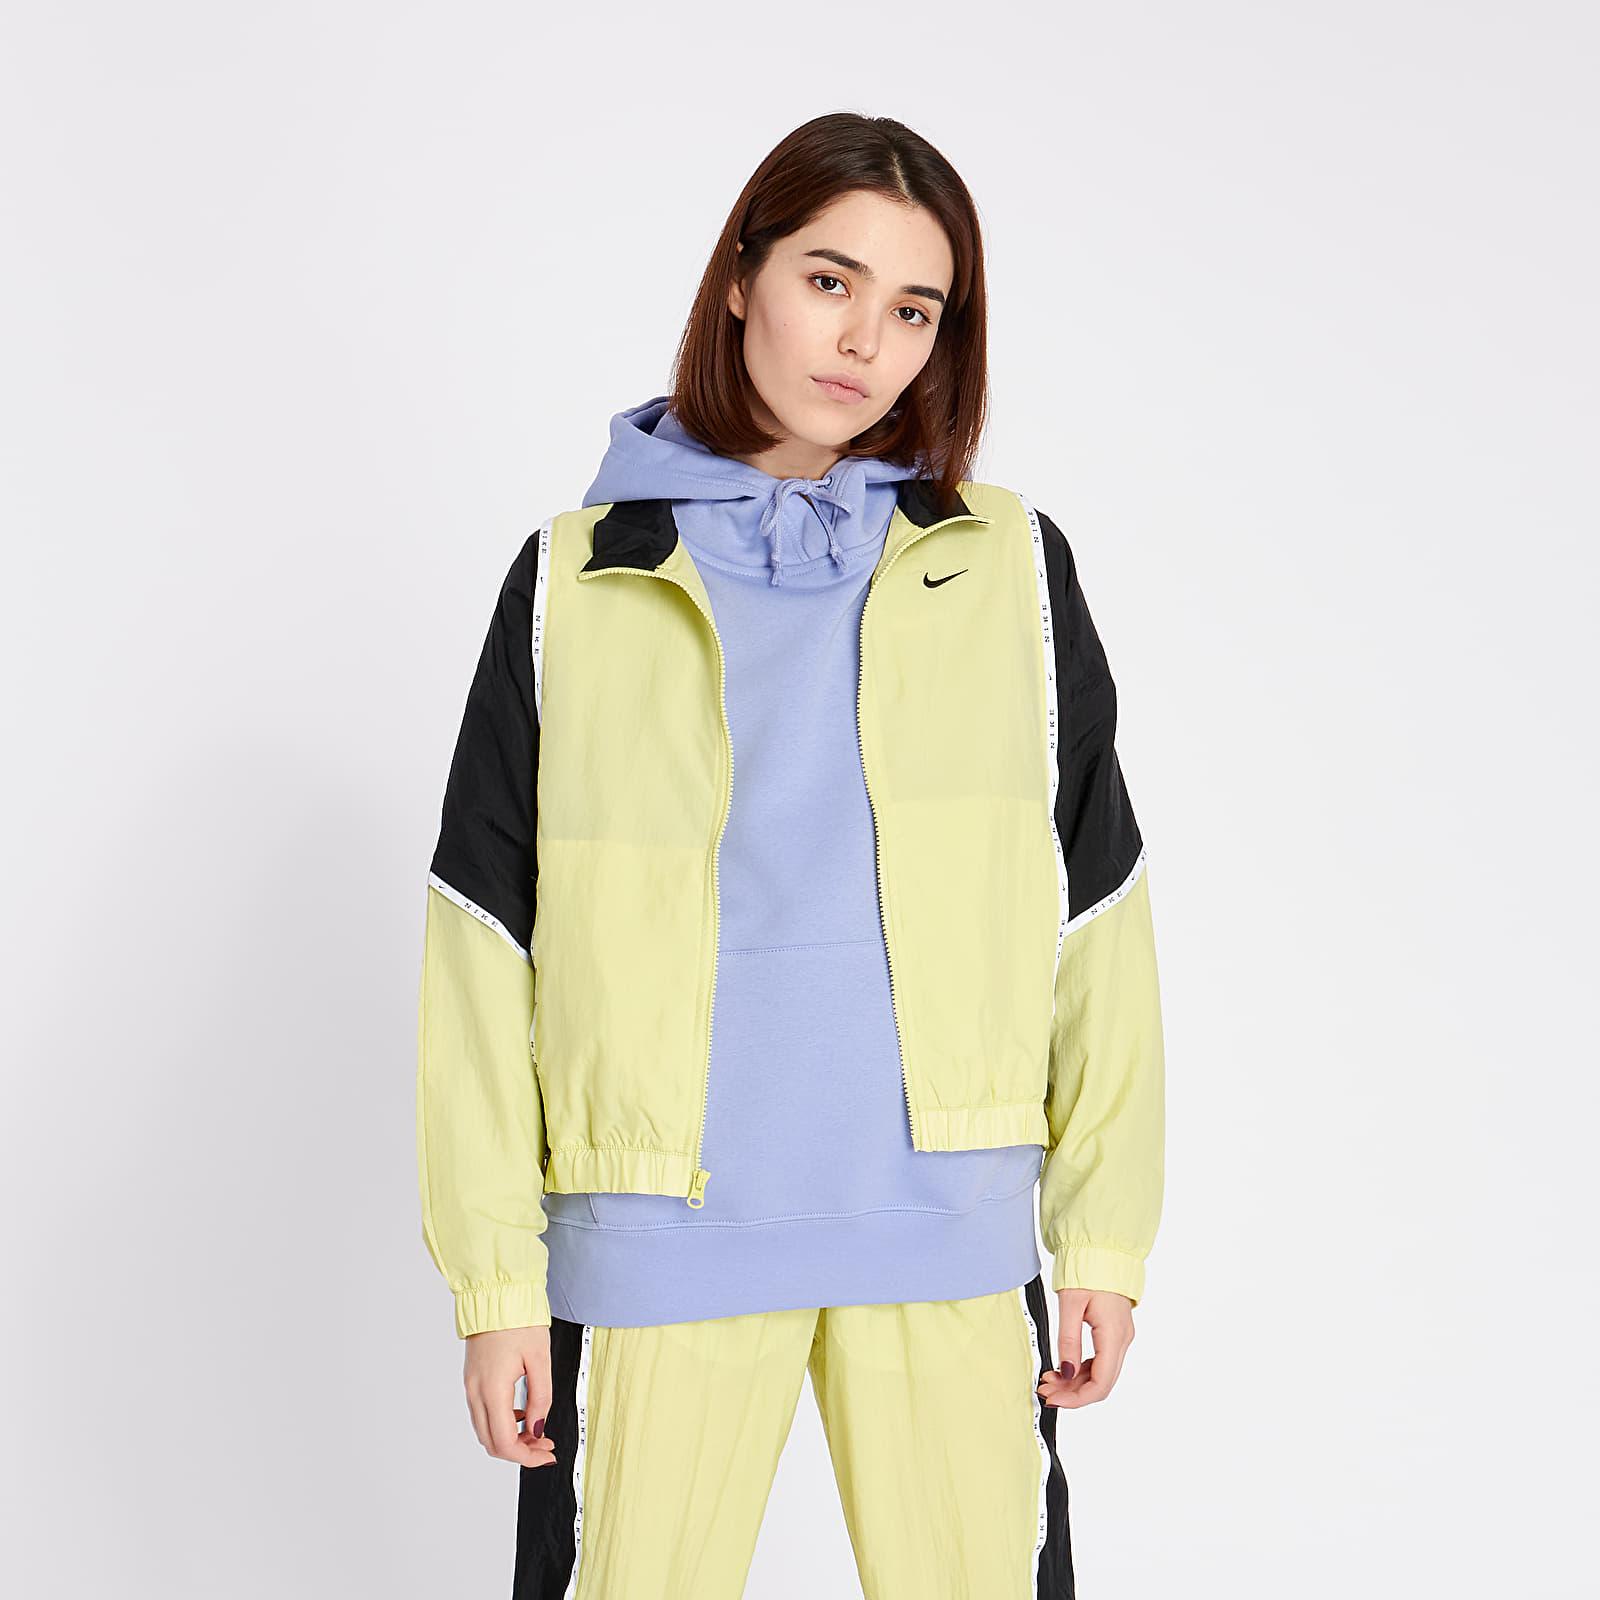 Übergangsjacken Nike Sportswear Woven Piping Jacket Limelight/ Black/ Black